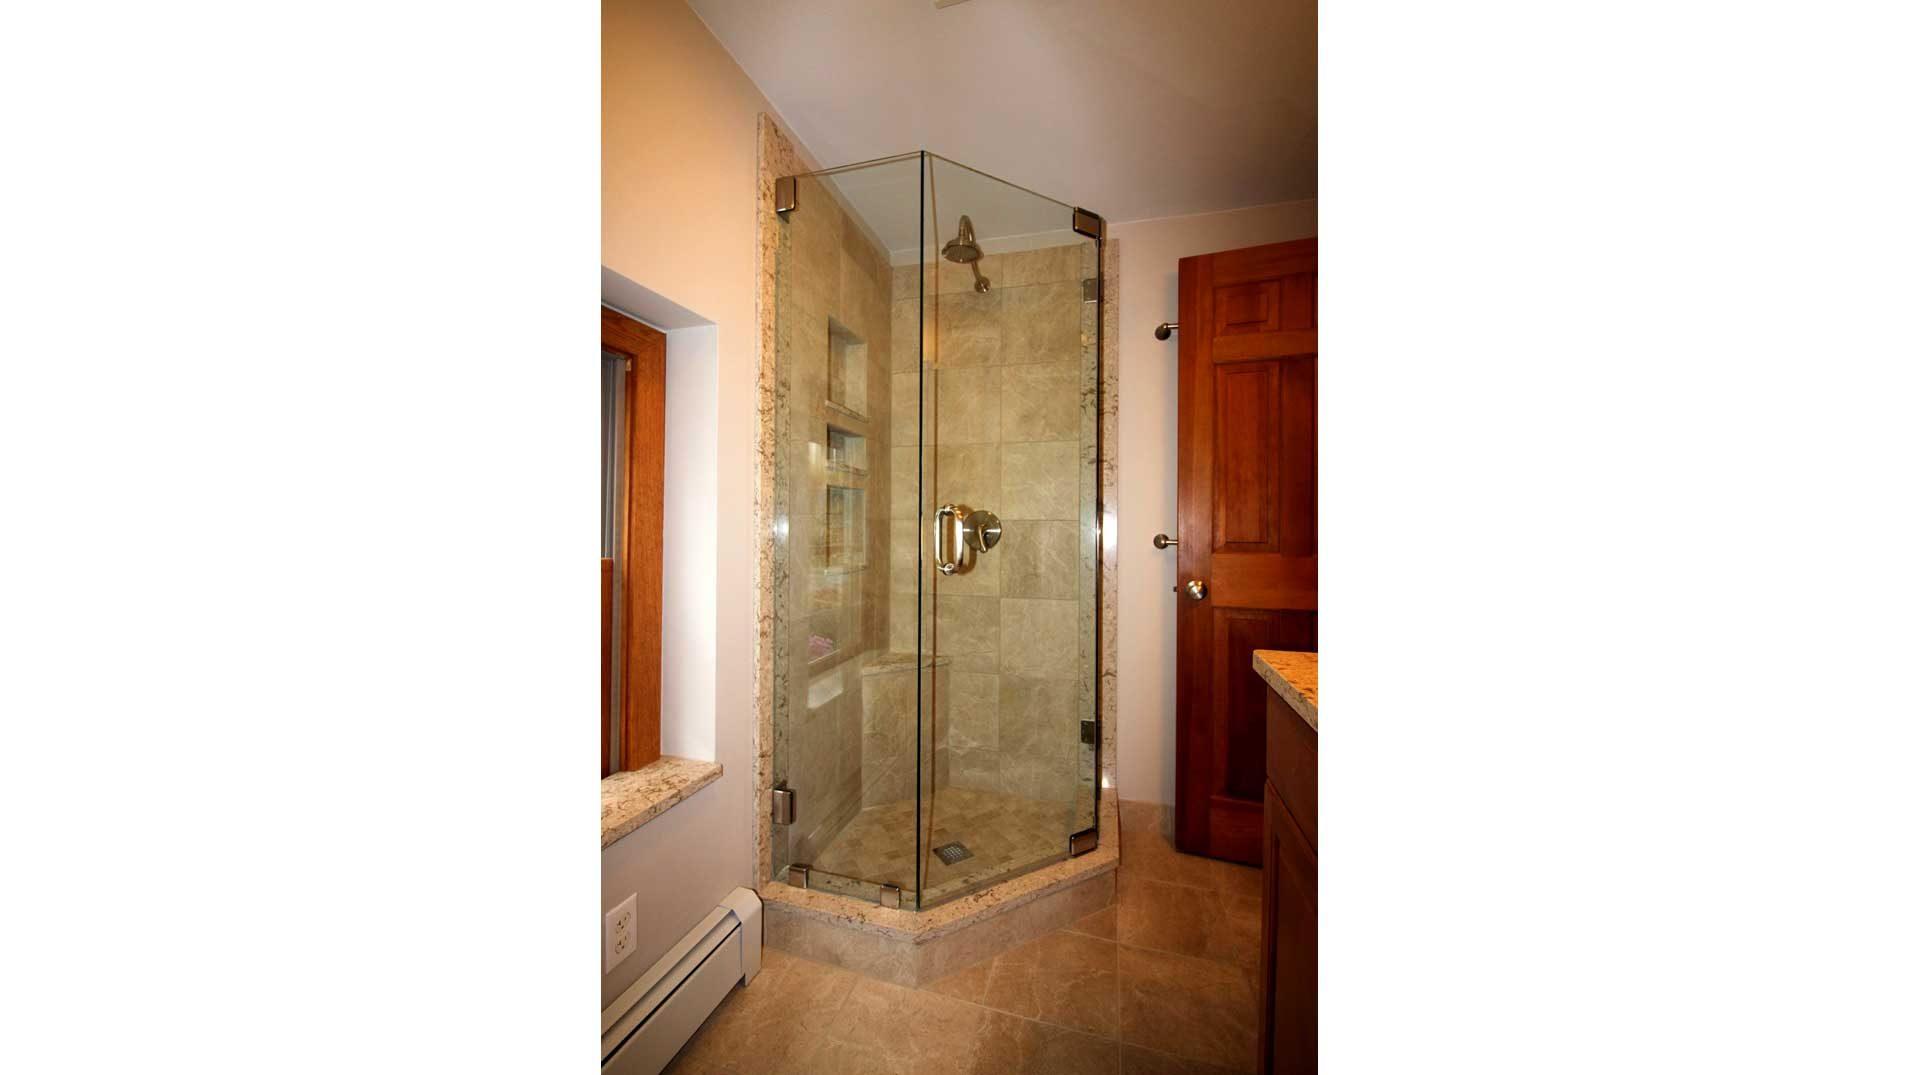 Frameless NeoAngle Shower Door in Lakeville